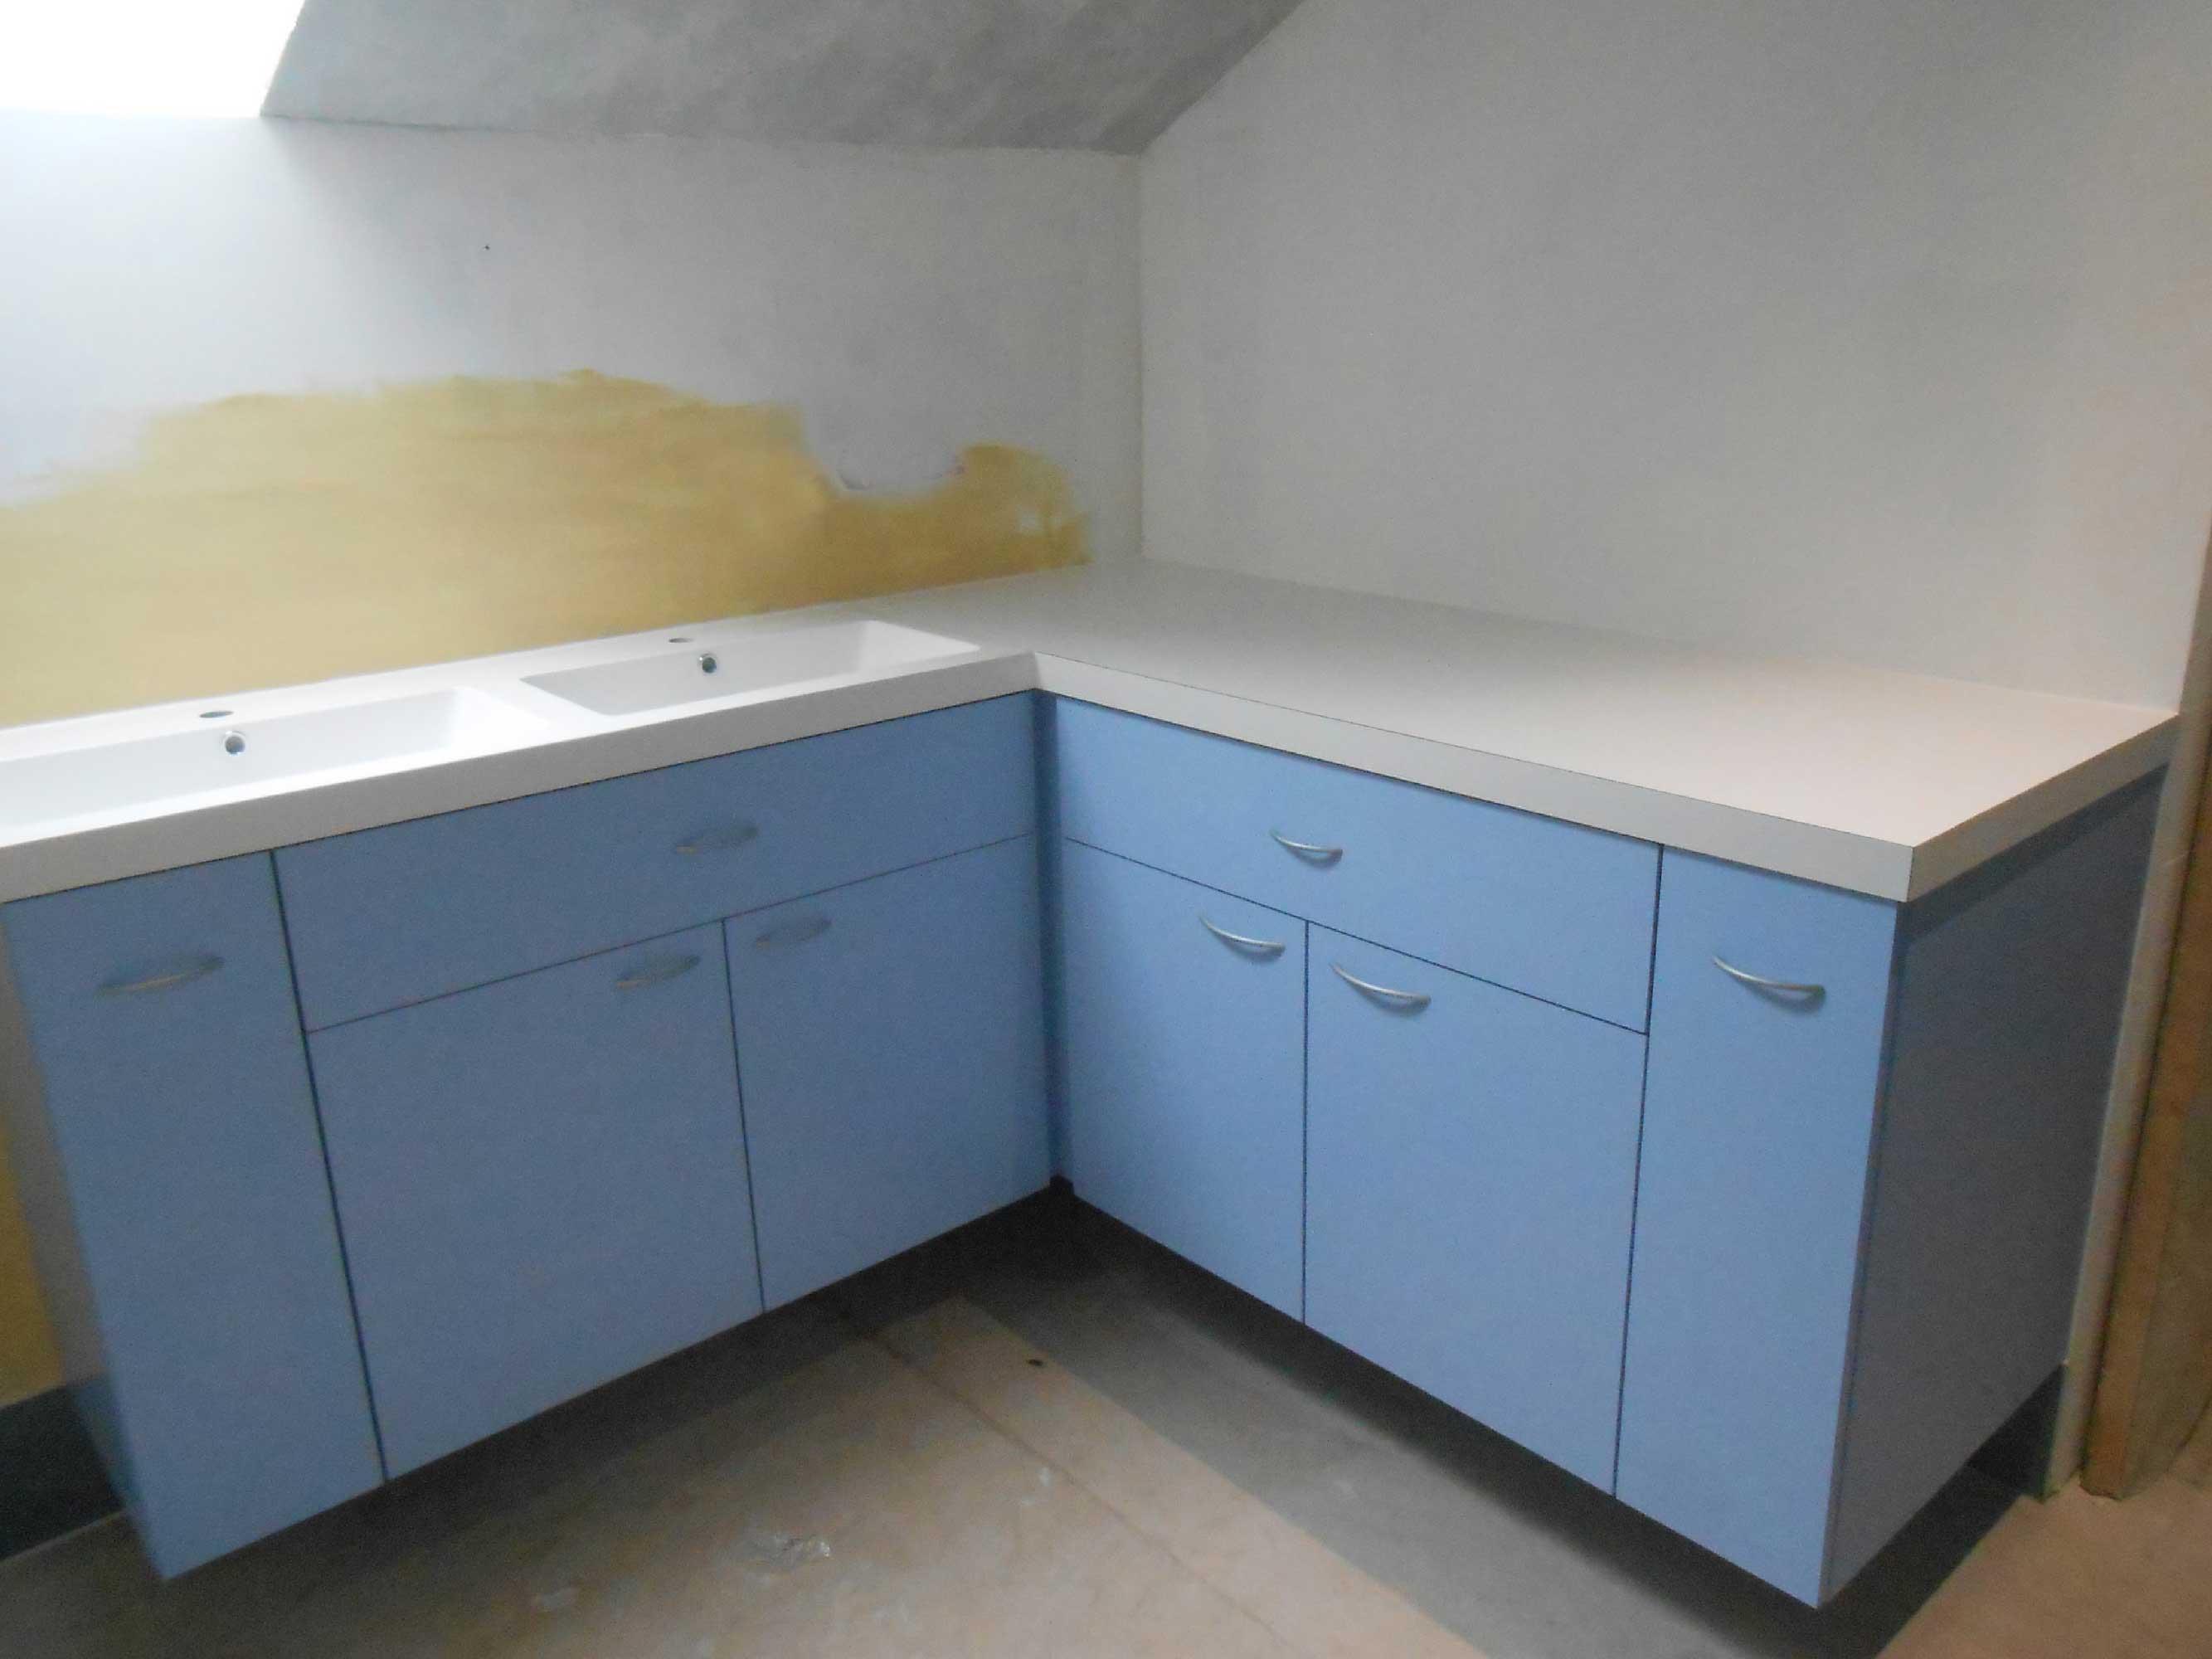 Meubles objets en bois sur mesure menuiserie drifford for Porte meuble salle de bain sur mesure